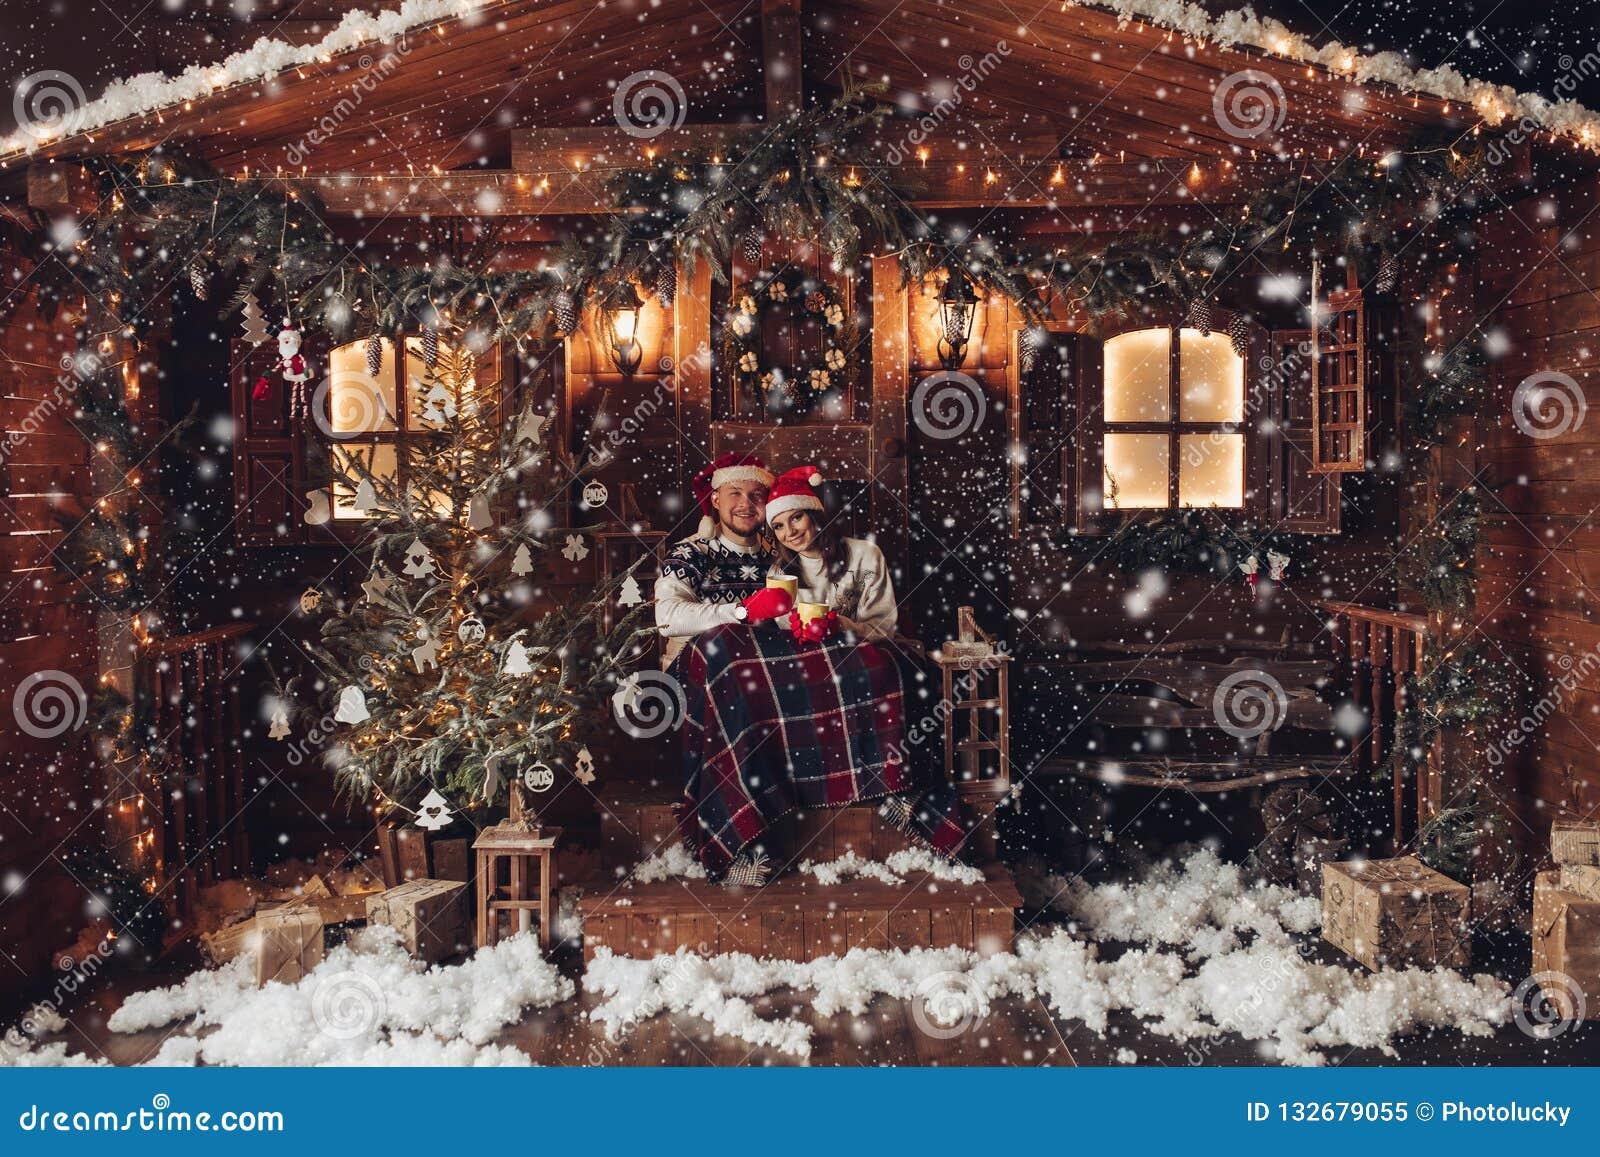 Noël roman en atmosphère de nouvelle année de maison de chapeaux de Santa Claus belle